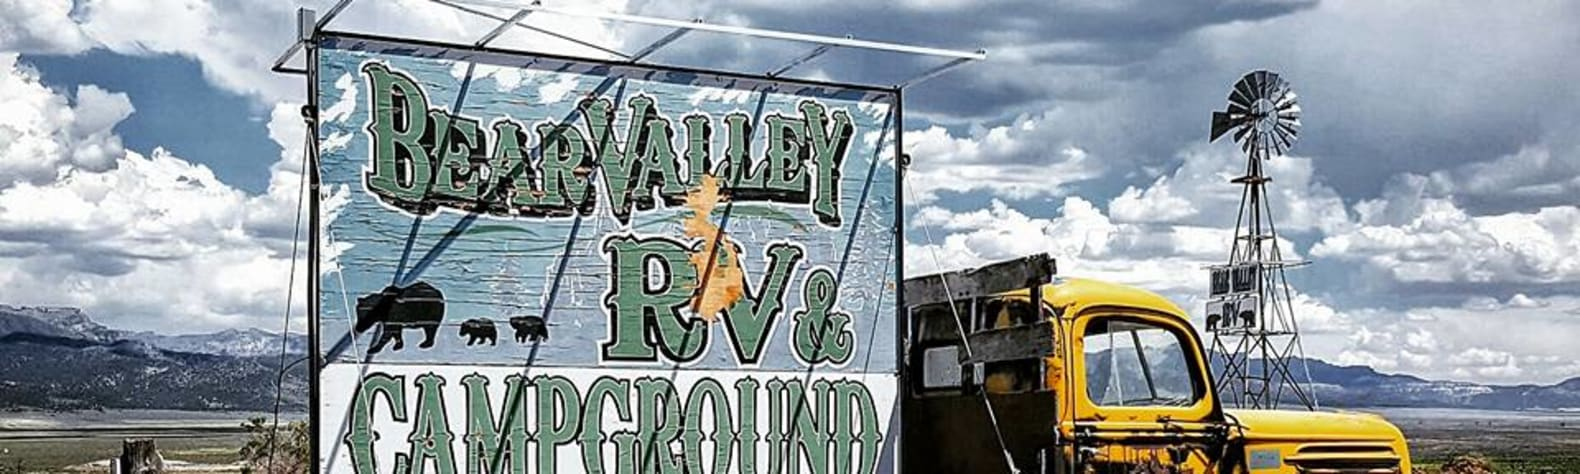 Bear Valley RV Campground